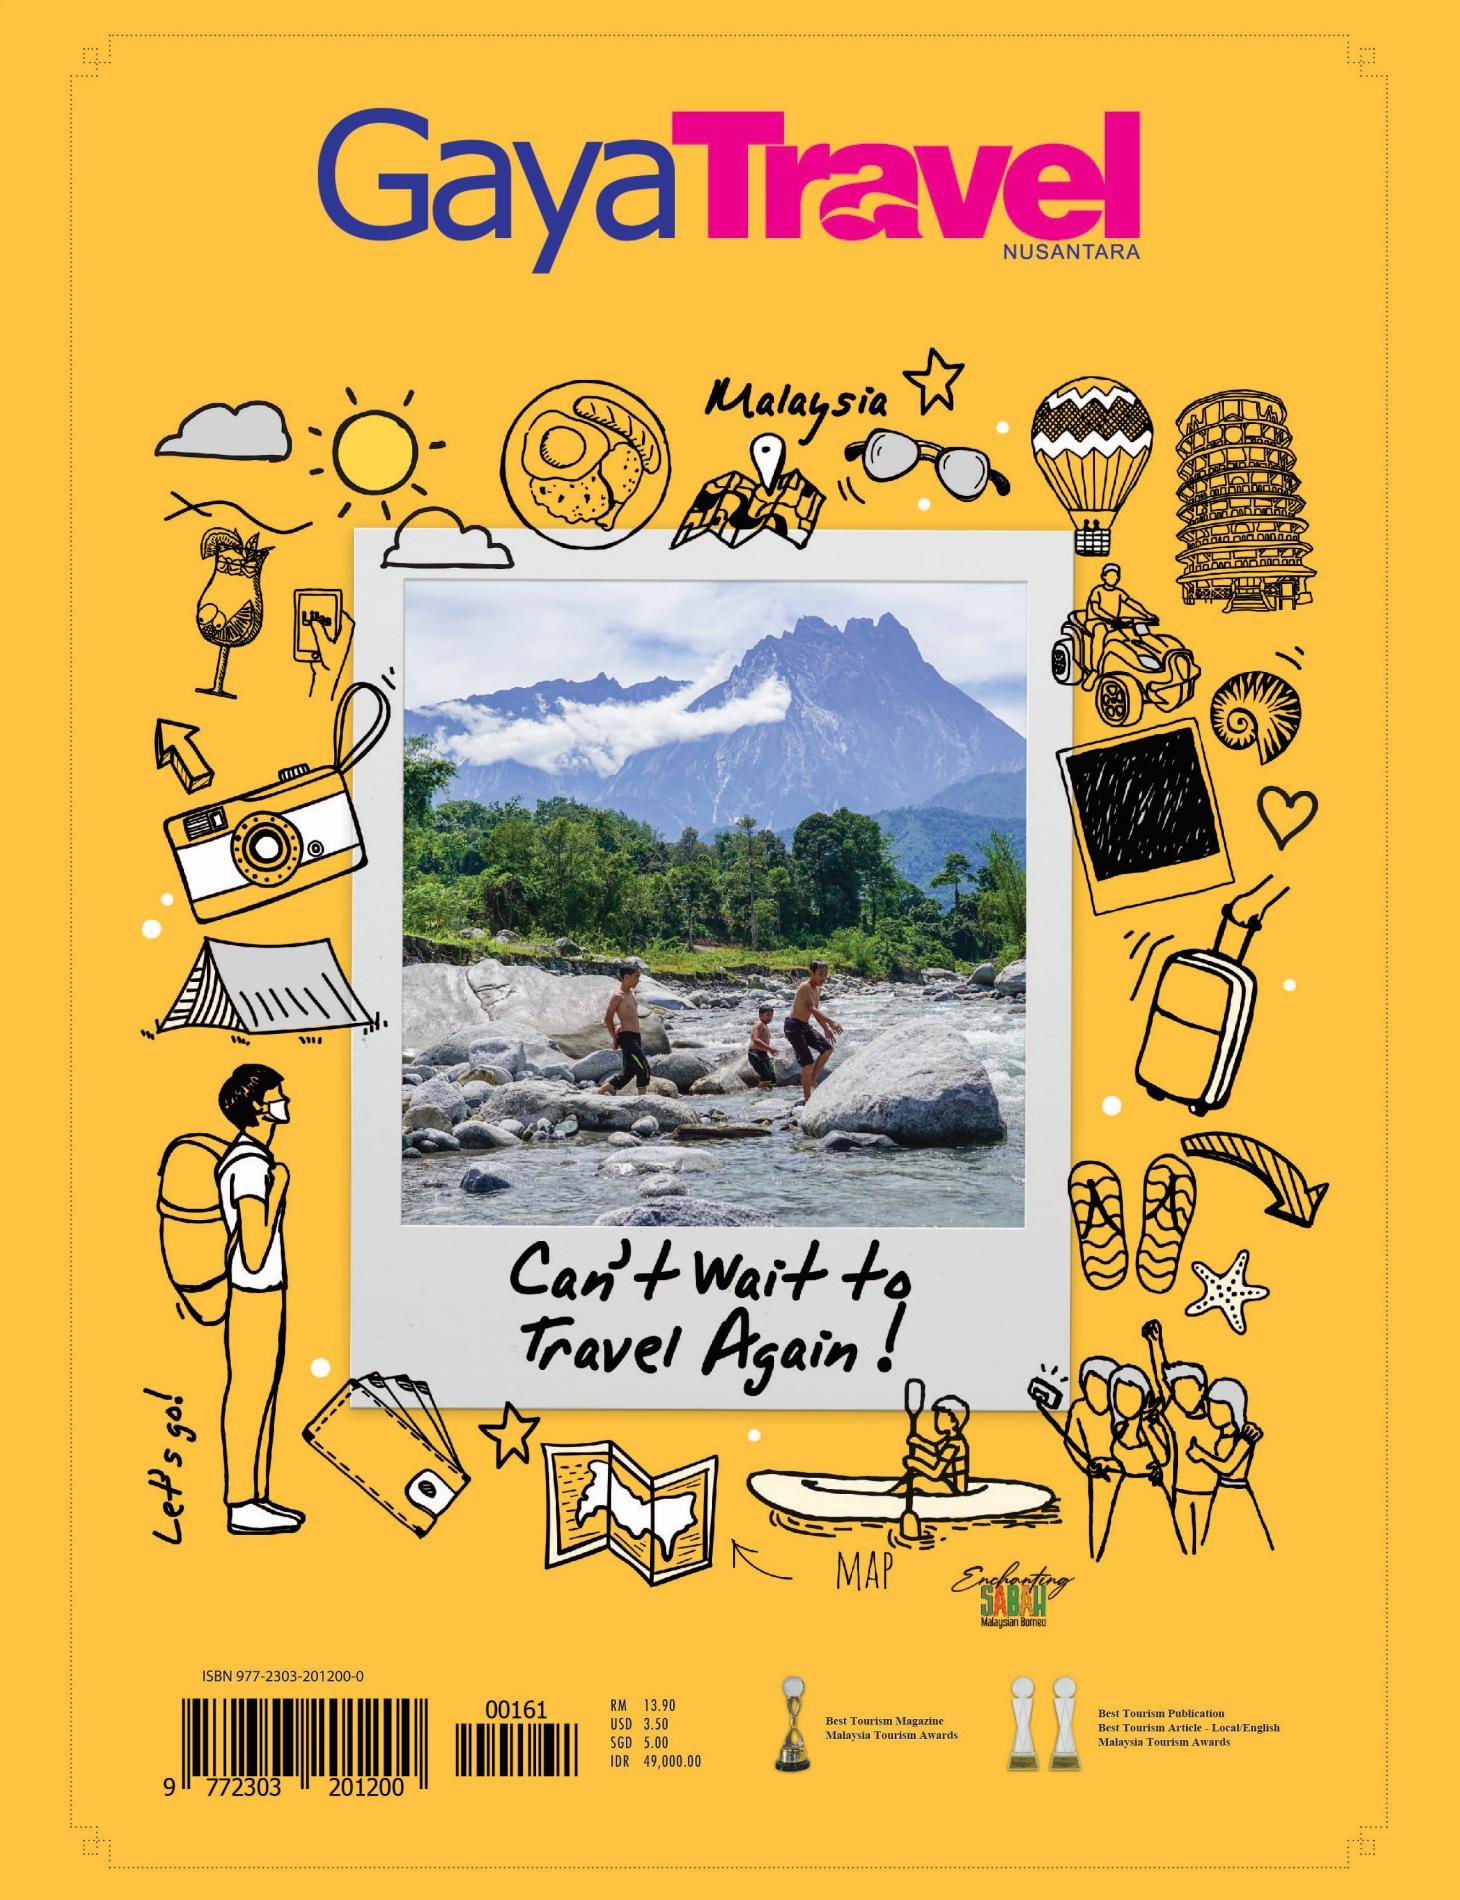 Gaya Travel Magazine Issue 16.1